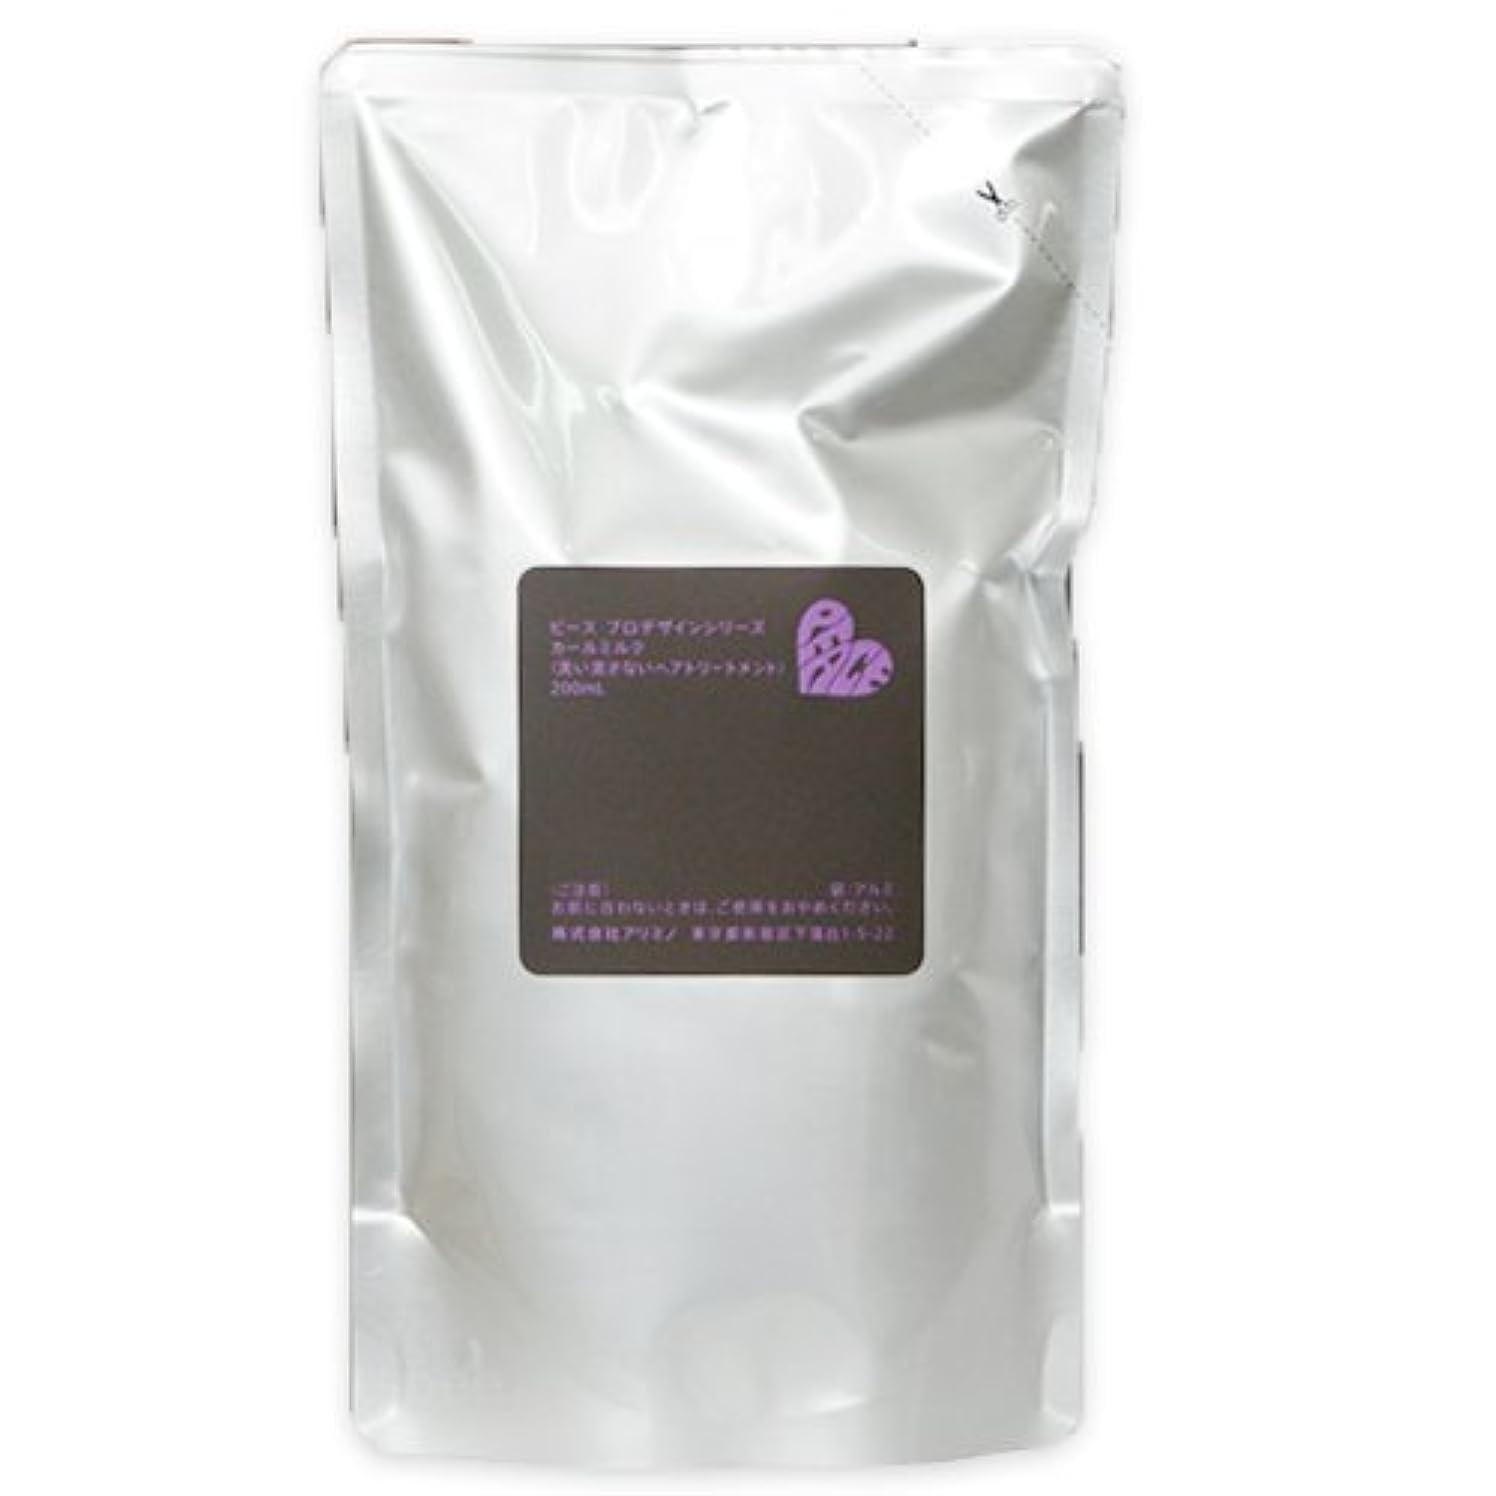 論理的に眉をひそめる不忠アリミノ ピース カールミルク チョコ 200mL 詰め替え リフィル